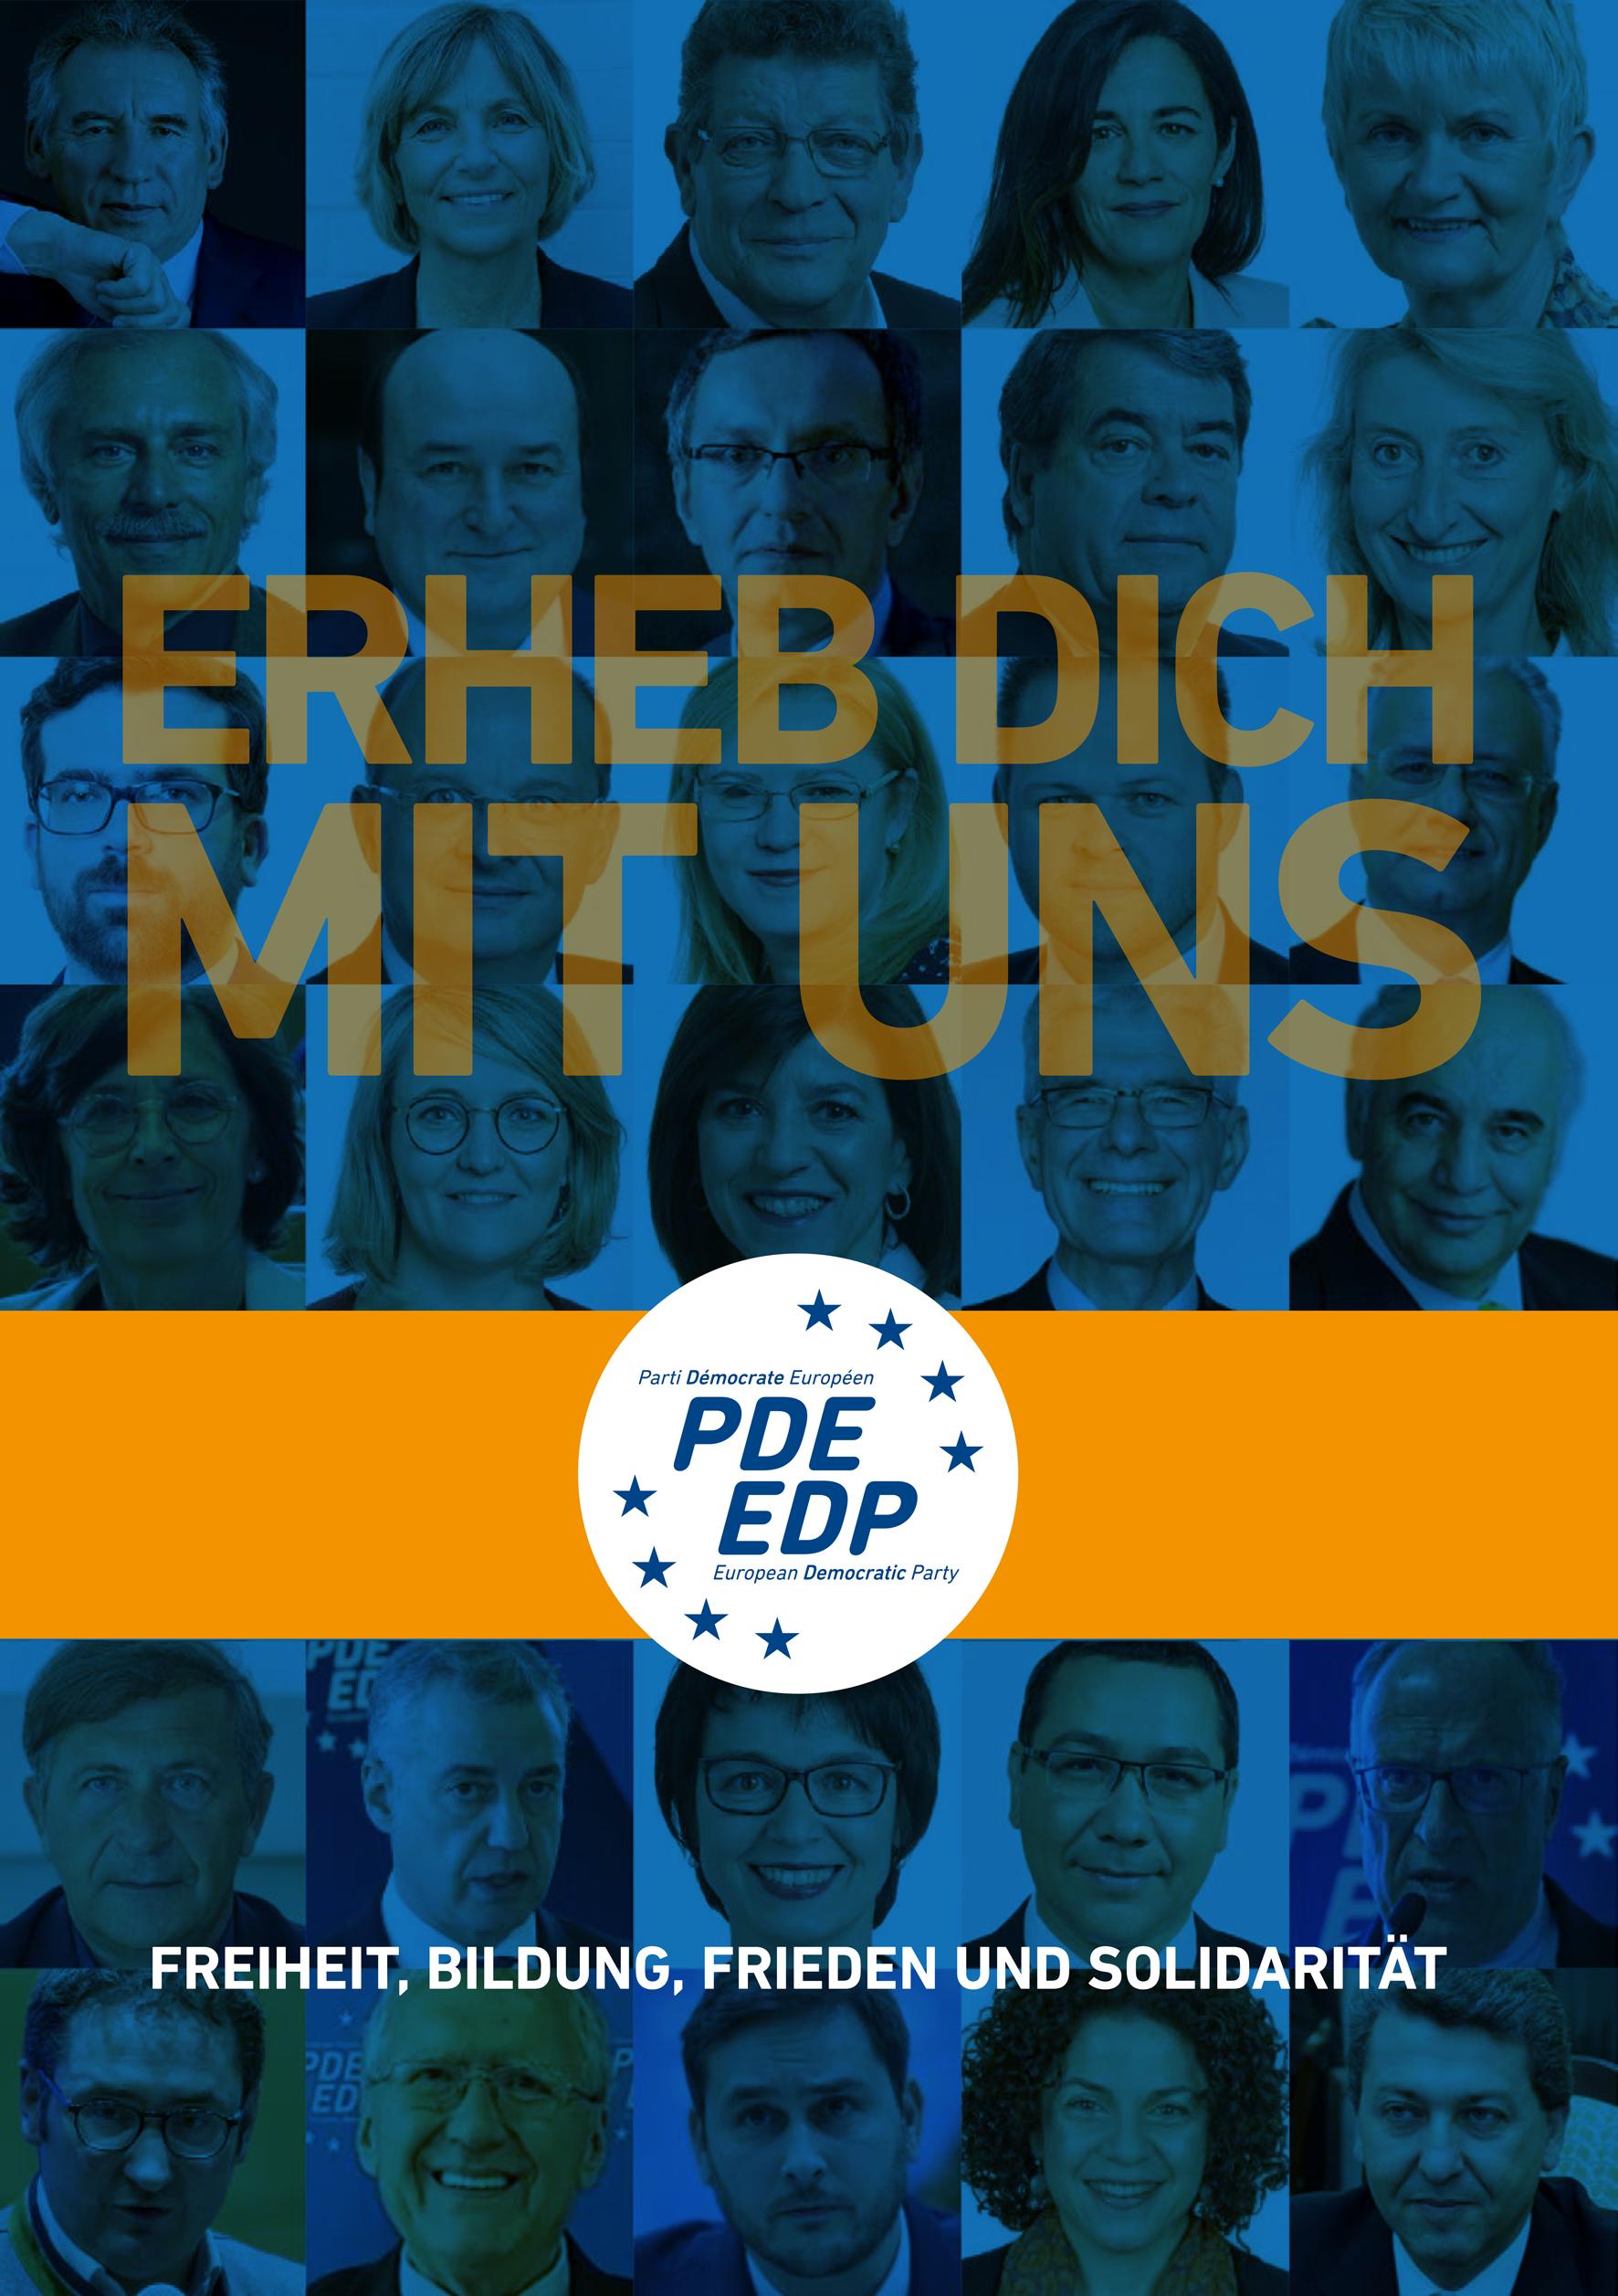 German version leaflet